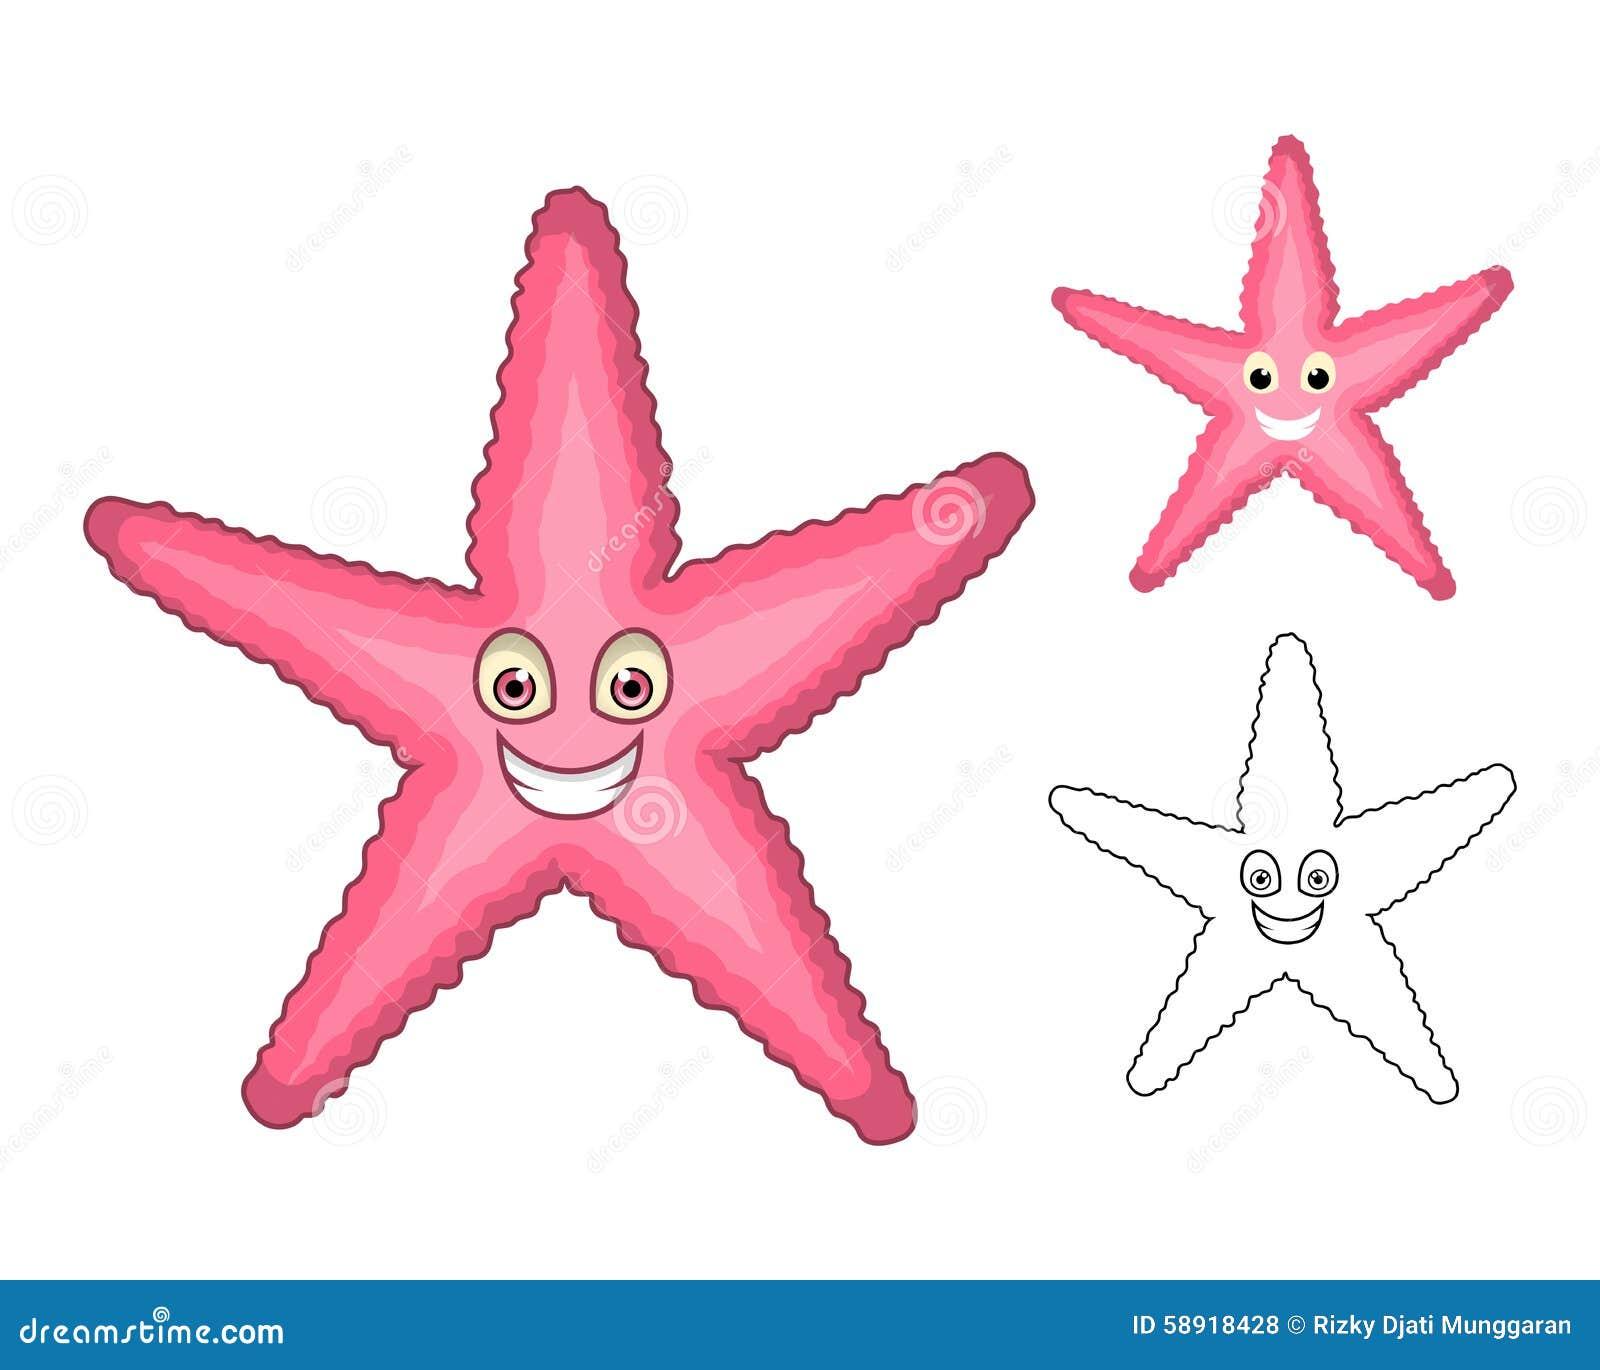 Высококачественный персонаж из мультфильма морских звёзд включает плоские дизайн и линию версию искусства